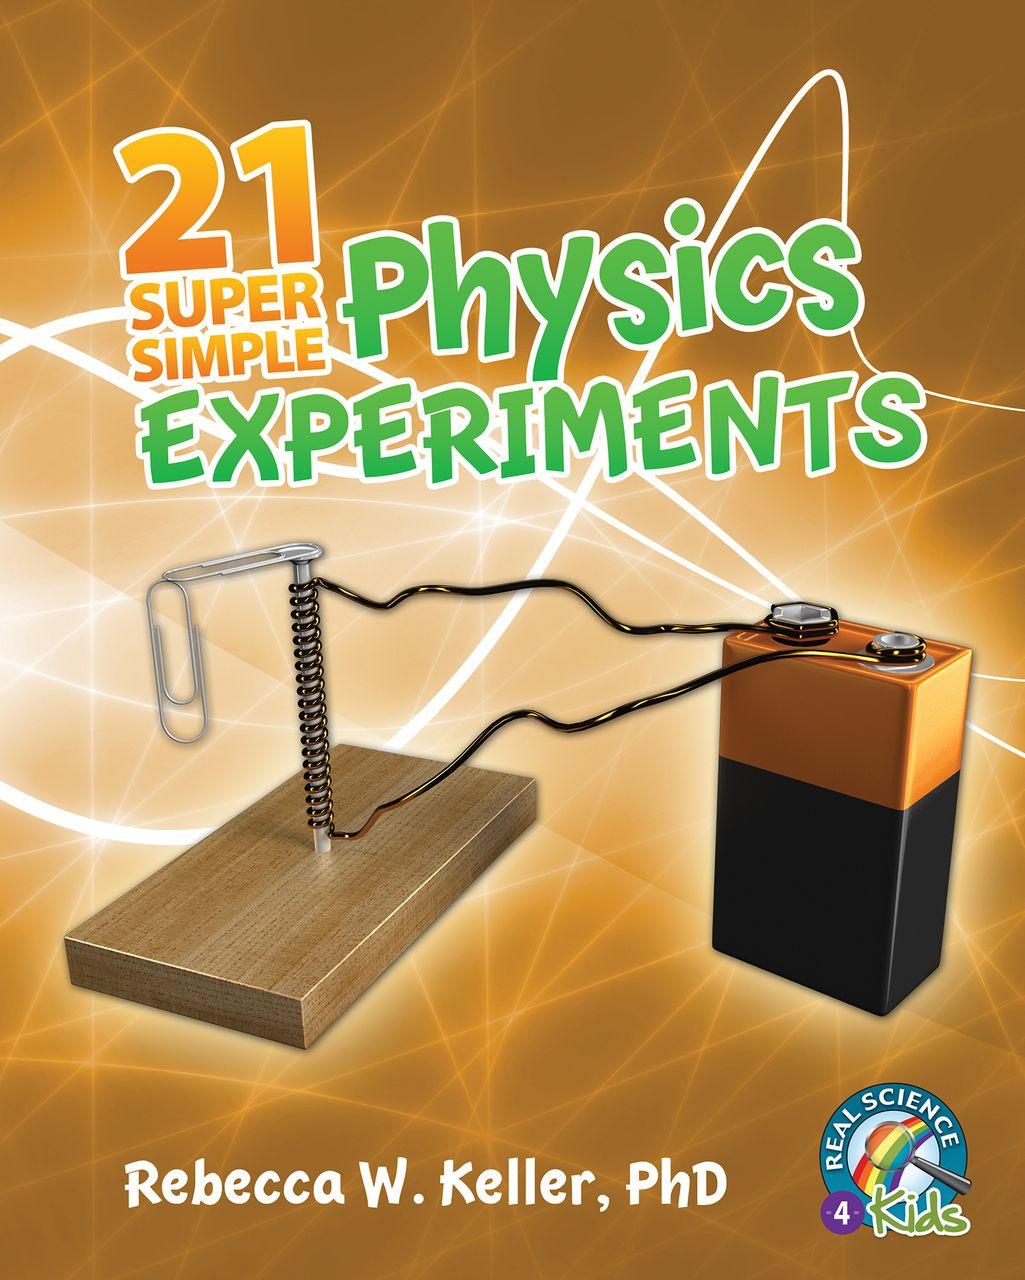 21 Super Simple Physics Experiments